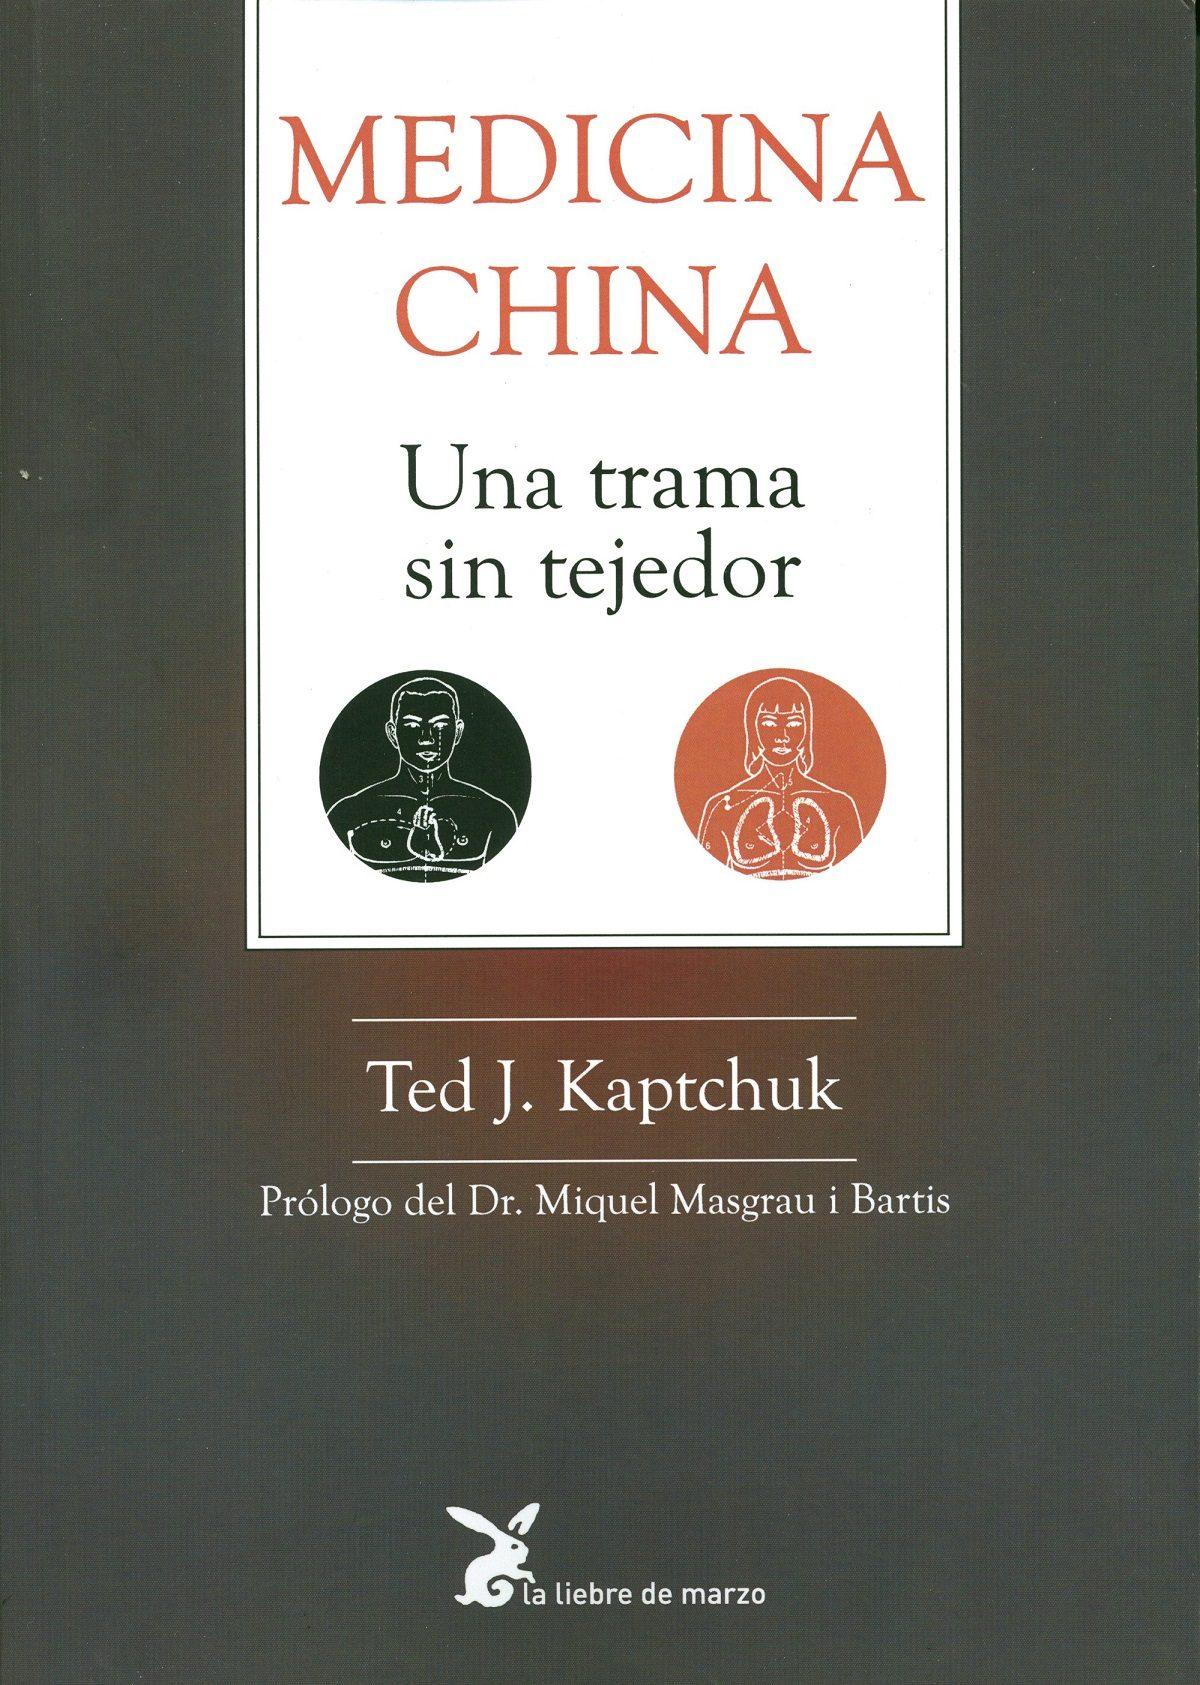 medicina china (7ª ed.)-teel j. kaptchuk-9788487403194